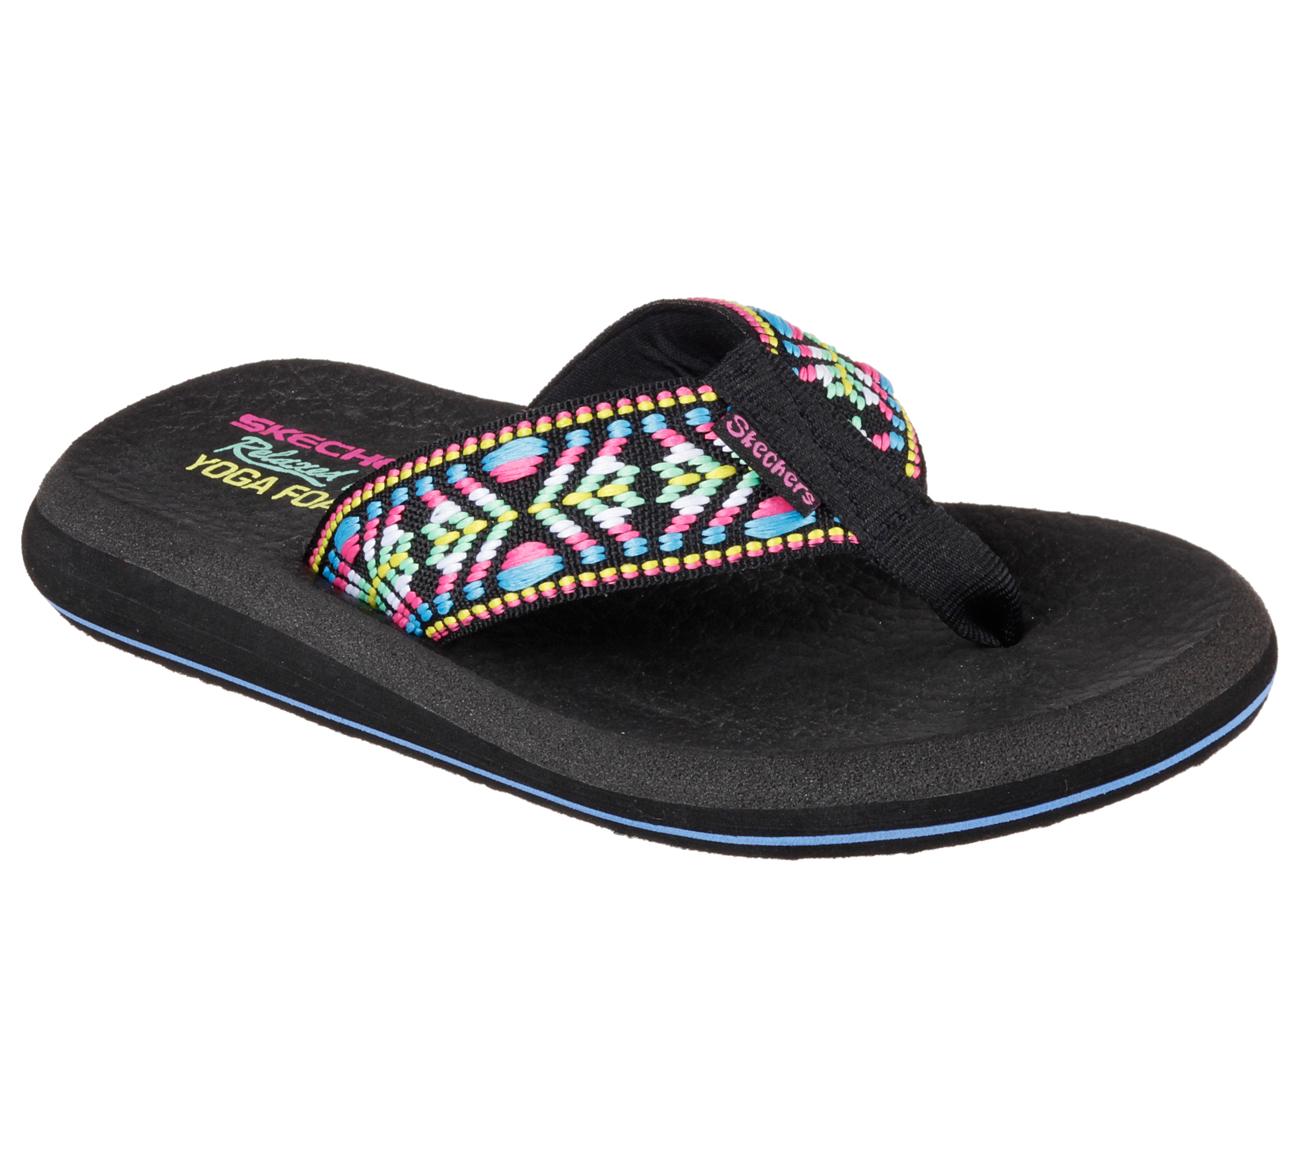 Buy Skechers Asana - Seek Flip Flops Shoes Only 3800-6702